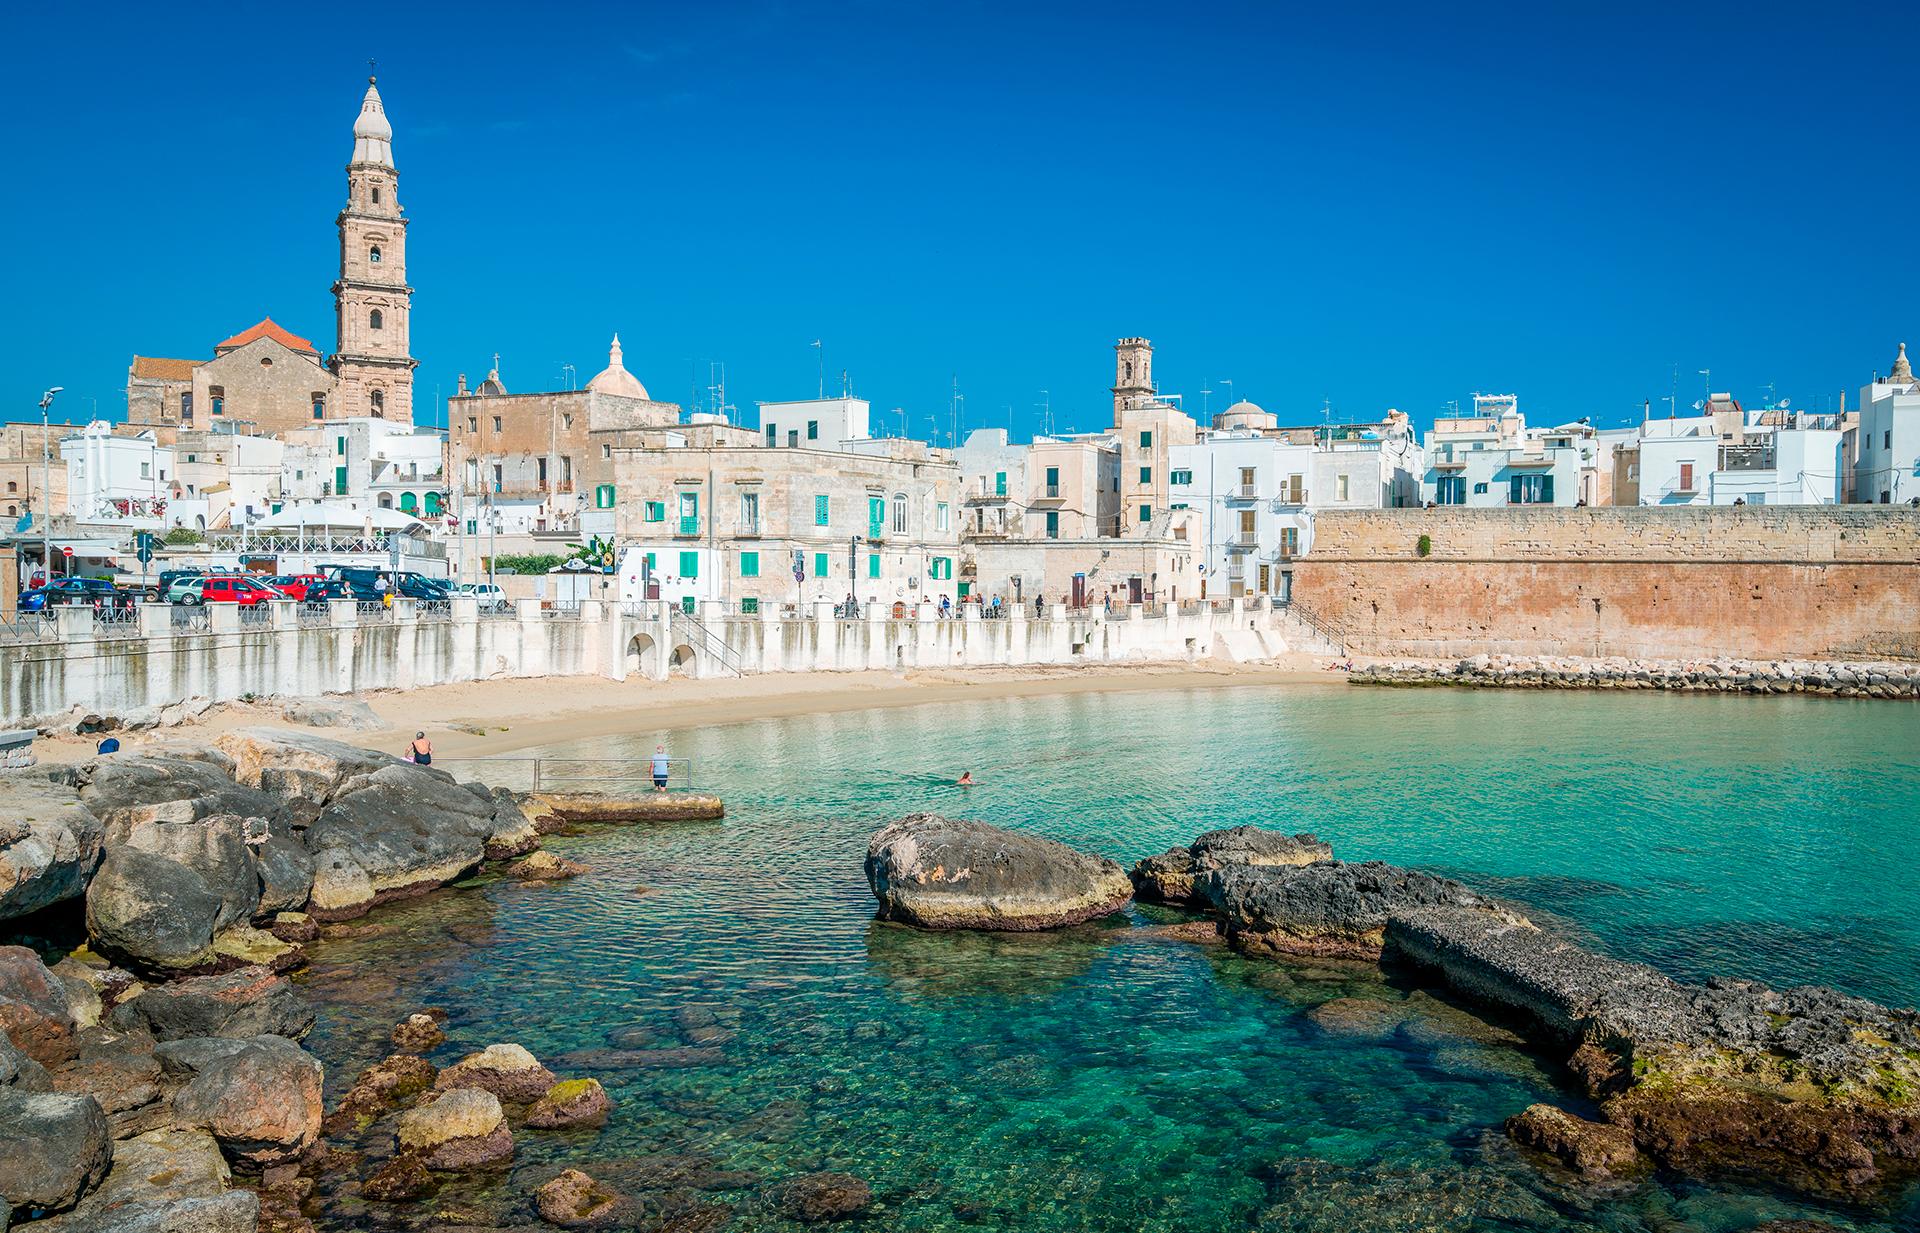 Monopoli es una pequeña ciudad en el lado adriático de Apulia; está específicamente situada en el